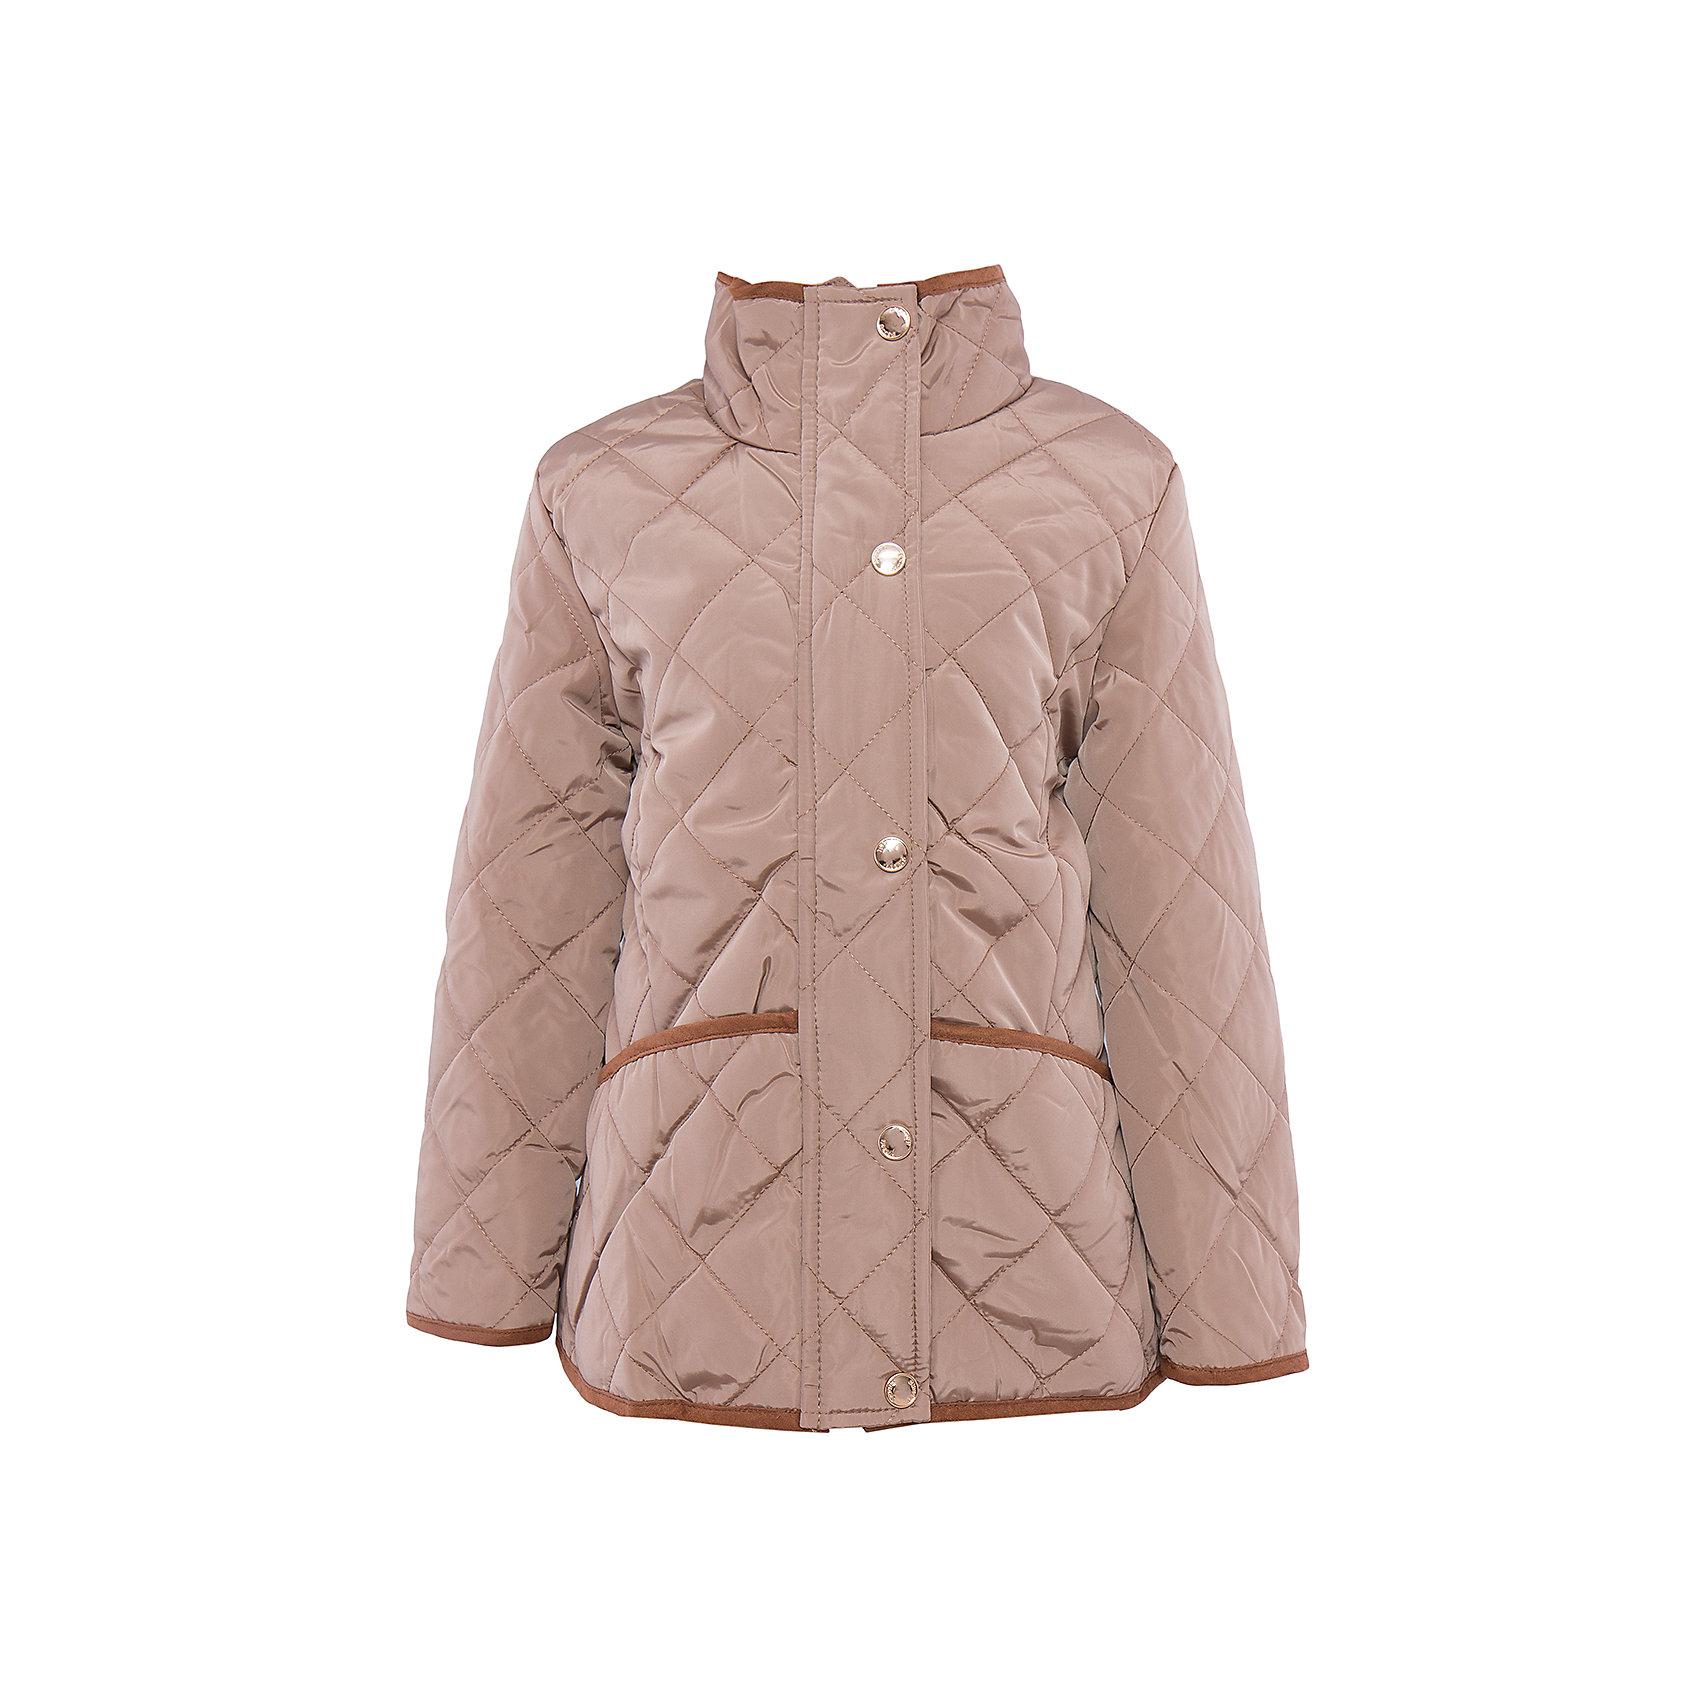 Куртка для девочки Sweet BerryВерхняя одежда<br>Куртка для девочки.<br><br>Температурный режим: до -5 градусов. Степень утепления – низкая. <br><br>* Температурный режим указан приблизительно — необходимо, прежде всего, ориентироваться на ощущения ребенка. Температурный режим работает в случае соблюдения правила многослойности – использования флисовой поддевы и термобелья.<br><br>Такая модель куртки для девочки отличается модным дизайном. Удачный крой обеспечит ребенку комфорт и тепло. Наполнитель и подкладка делаею вещь идеальной для прохладной погоды. Она плотно прилегает к телу там, где нужно, и отлично сидит по фигуре. Есть вместительные карманы.<br>Одежда от бренда Sweet Berry - это простой и выгодный способ одеть ребенка удобно и стильно. Всё изделия тщательно проработаны: швы - прочные, материал - качественный, фурнитура - подобранная специально для детей. <br><br>Дополнительная информация:<br><br>цвет: бежевый;<br>материал: верх, подкладка, наполнитель - 100% полиэстер;<br>застежка: молния;<br>карманы.<br><br>Куртку для девочки от бренда Sweet Berry можно купить в нашем интернет-магазине.<br><br>Ширина мм: 356<br>Глубина мм: 10<br>Высота мм: 245<br>Вес г: 519<br>Цвет: бежевый<br>Возраст от месяцев: 24<br>Возраст до месяцев: 36<br>Пол: Женский<br>Возраст: Детский<br>Размер: 98,104,110,116,122,128<br>SKU: 4931395